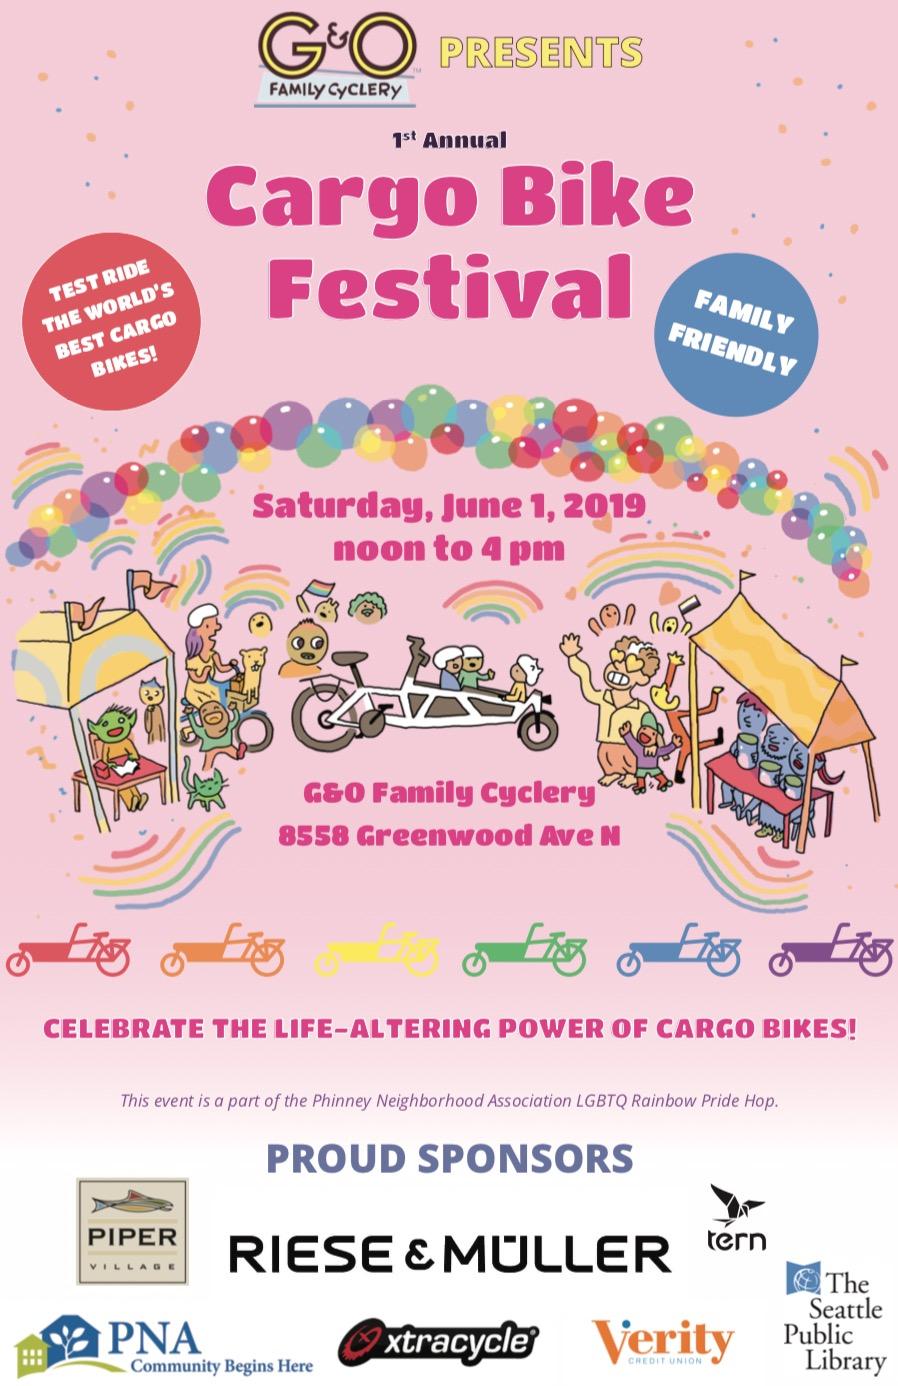 cargo-bike-festival-seattle-2019.jpg